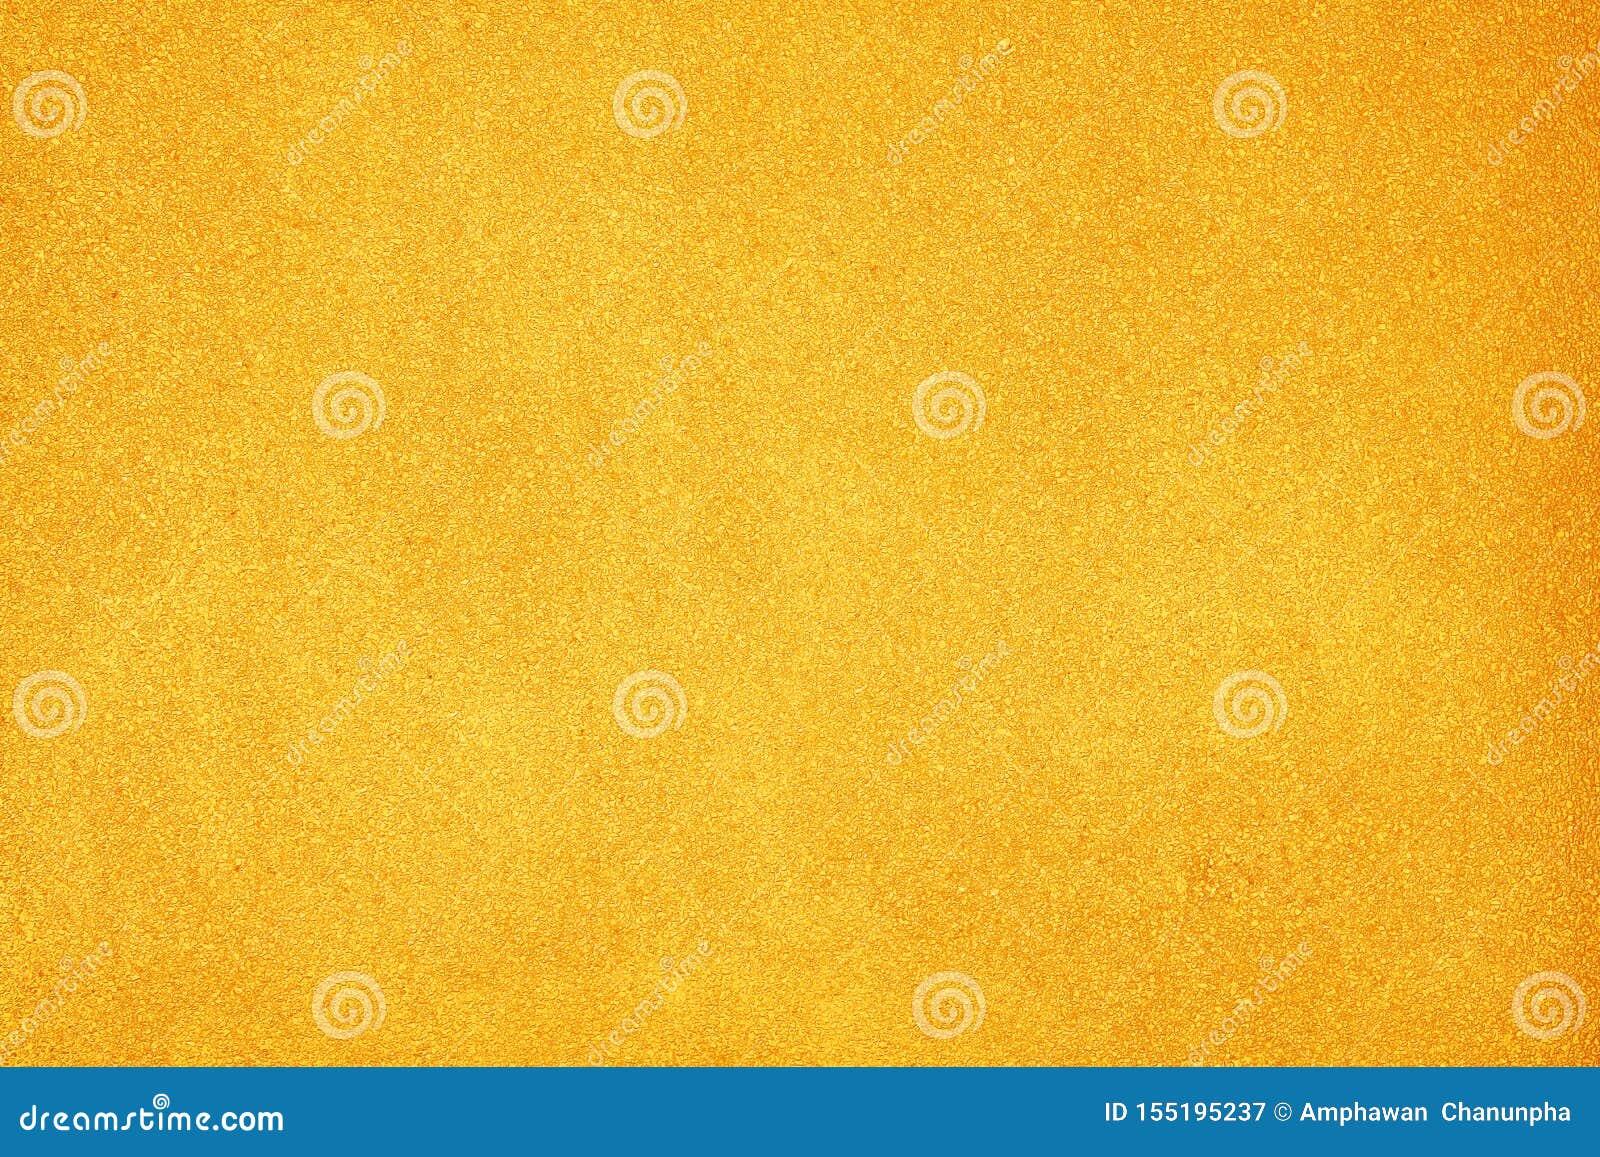 De gouden concrete patronen van de muur abstracte, kleurrijke ruwe textuur voor achtergrond